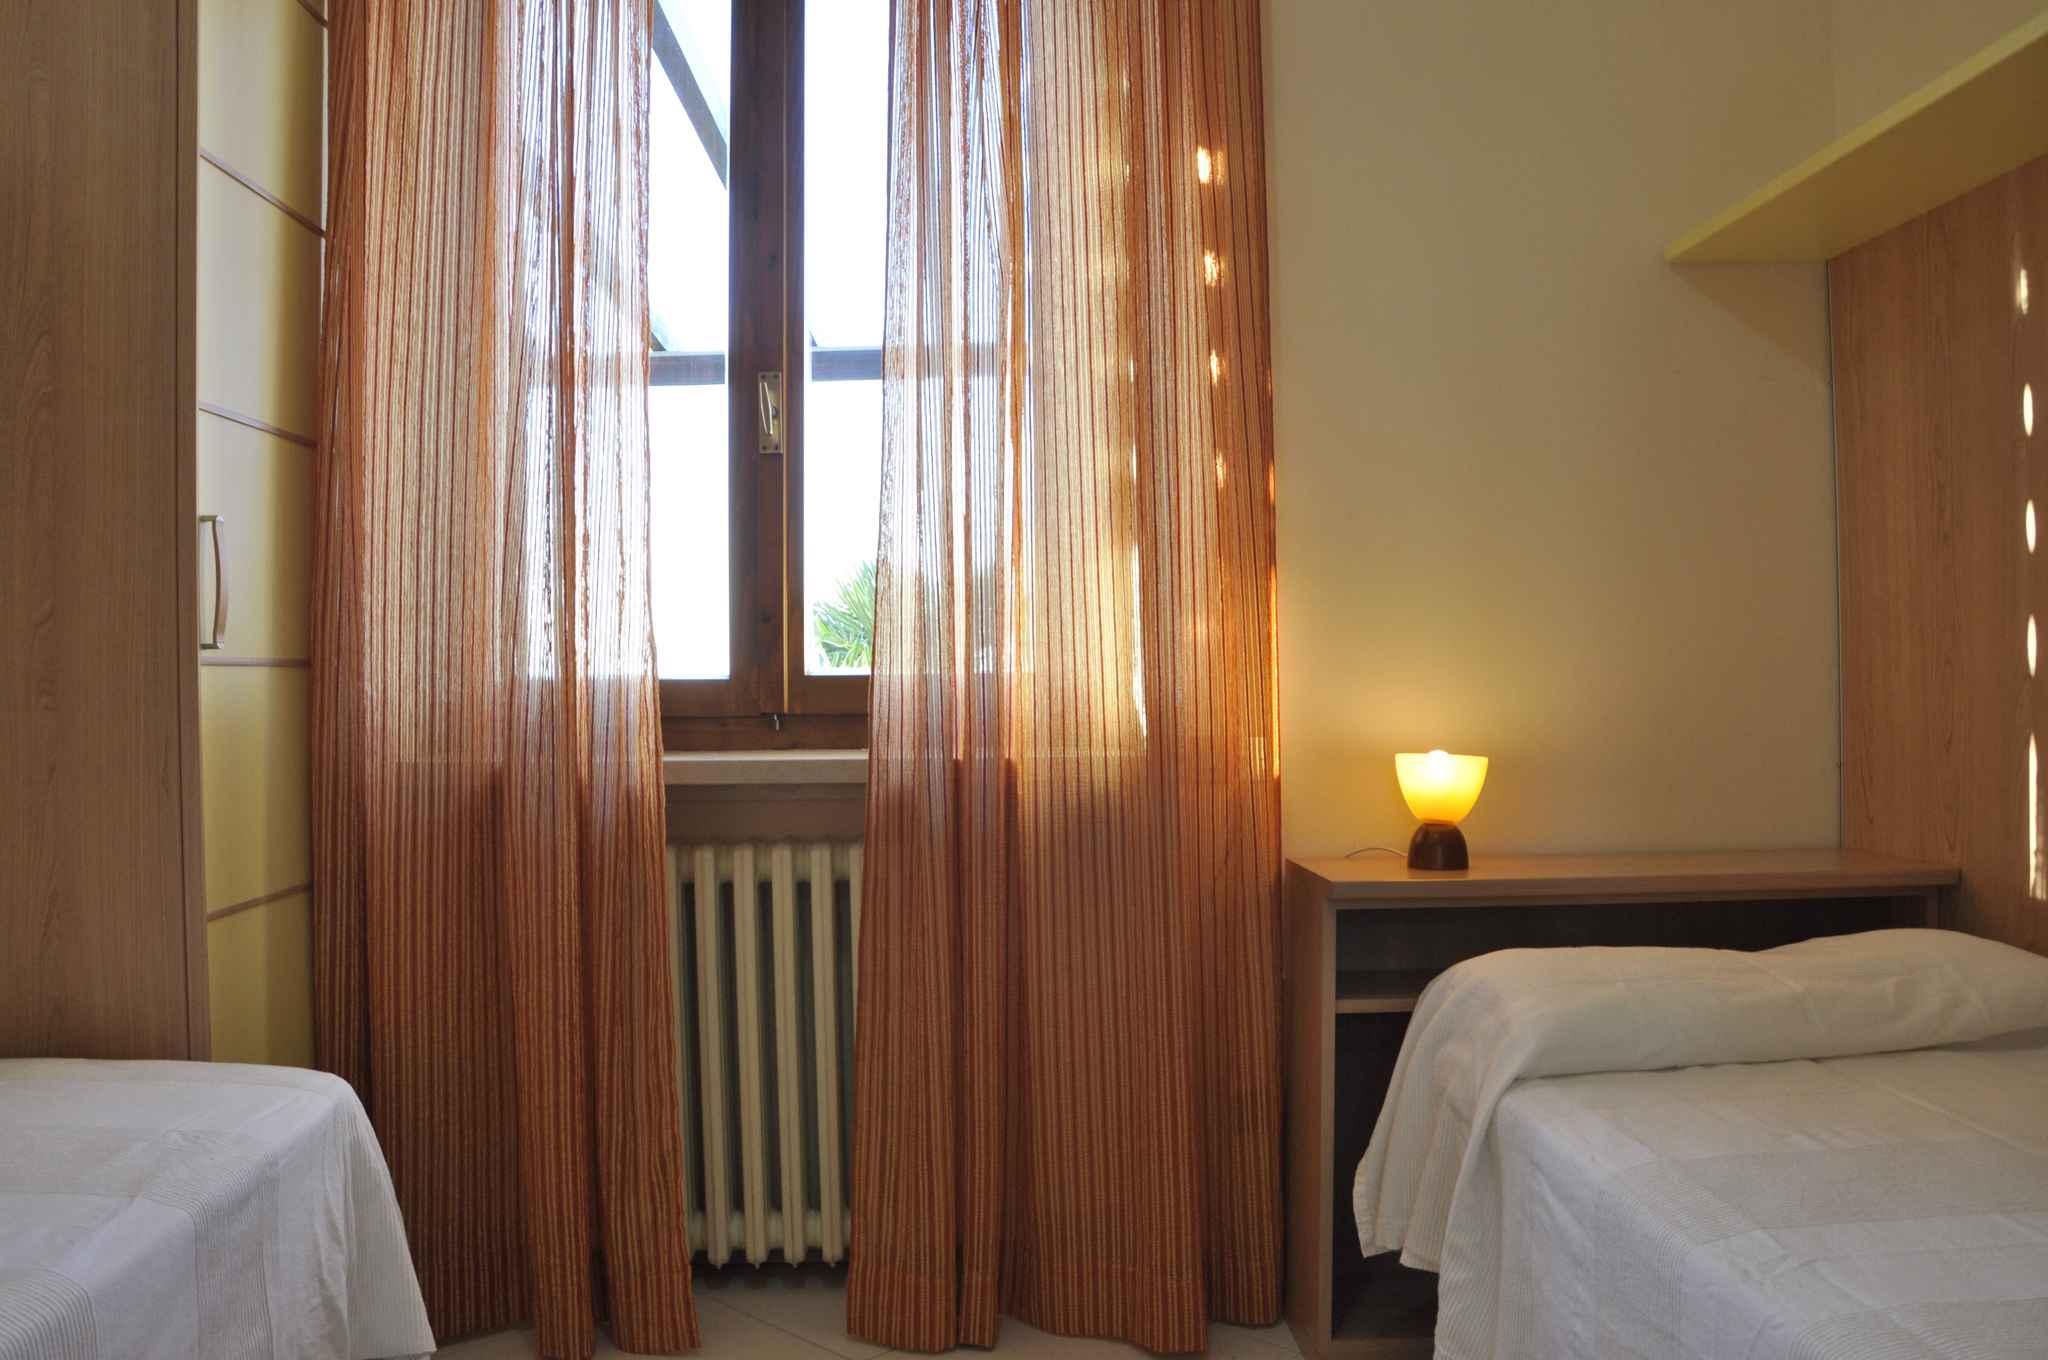 Ferienwohnung con balcone (480312), Lazise, Gardasee, Venetien, Italien, Bild 26